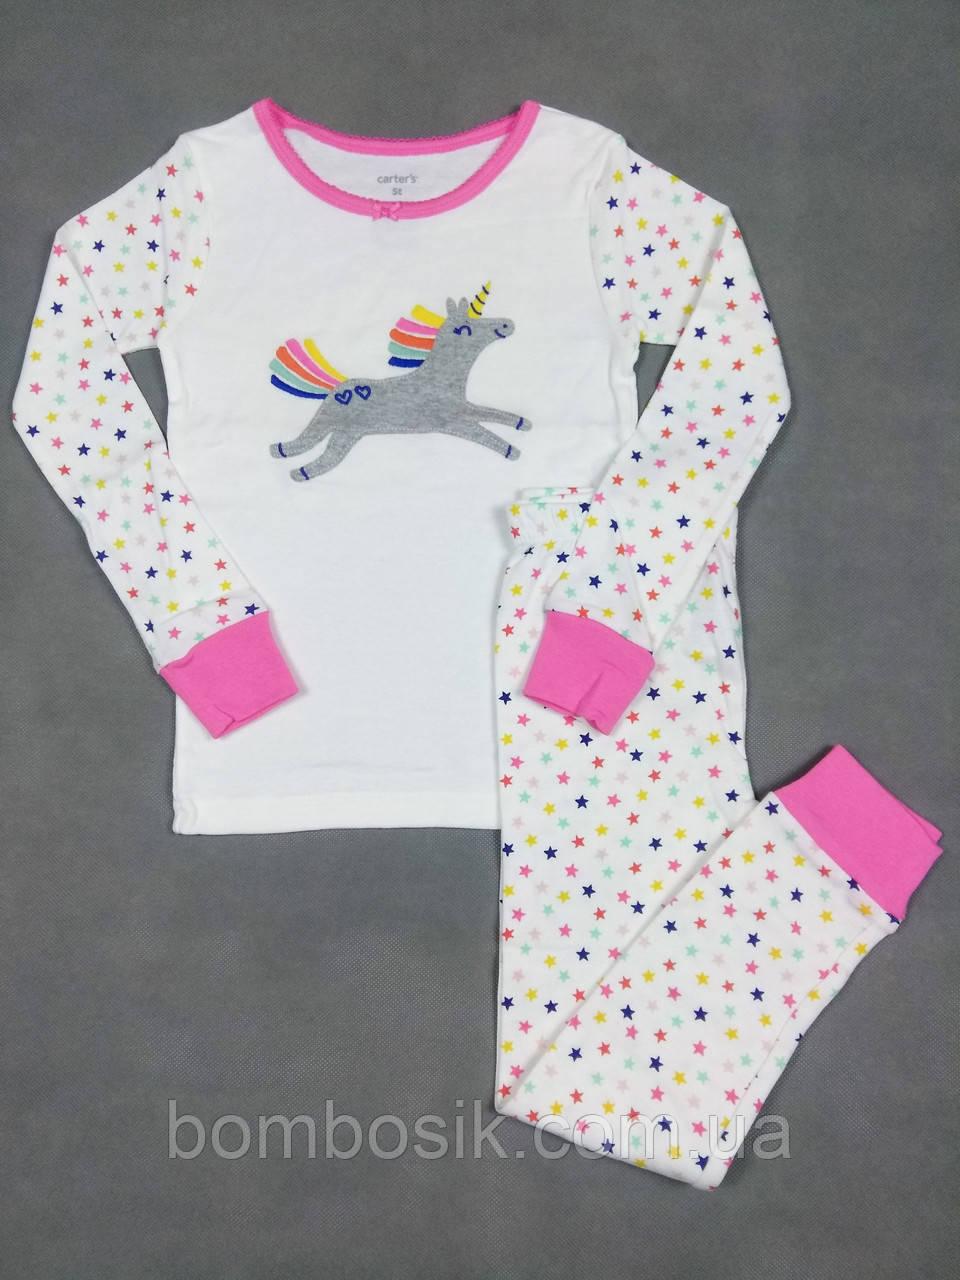 Пижама для девочки Картерс, 2Т (88-93см)